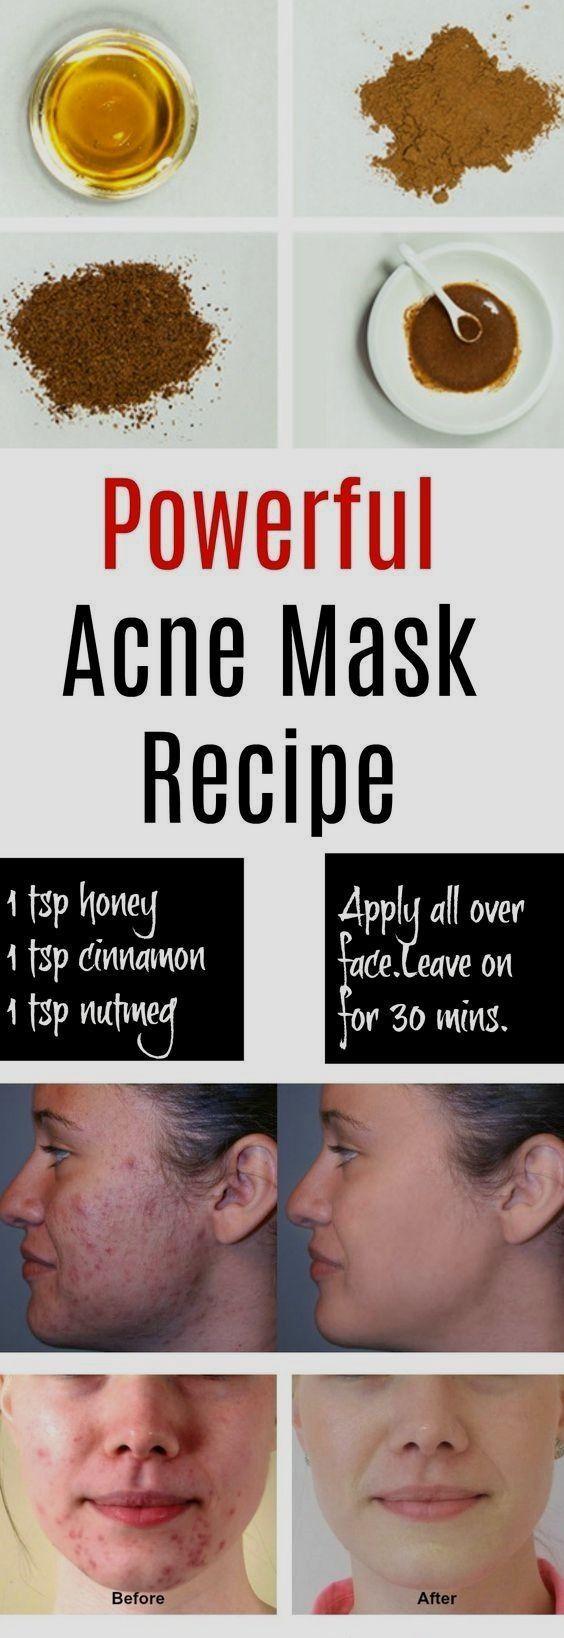 Hautpflege-Tipps für schöne Haut